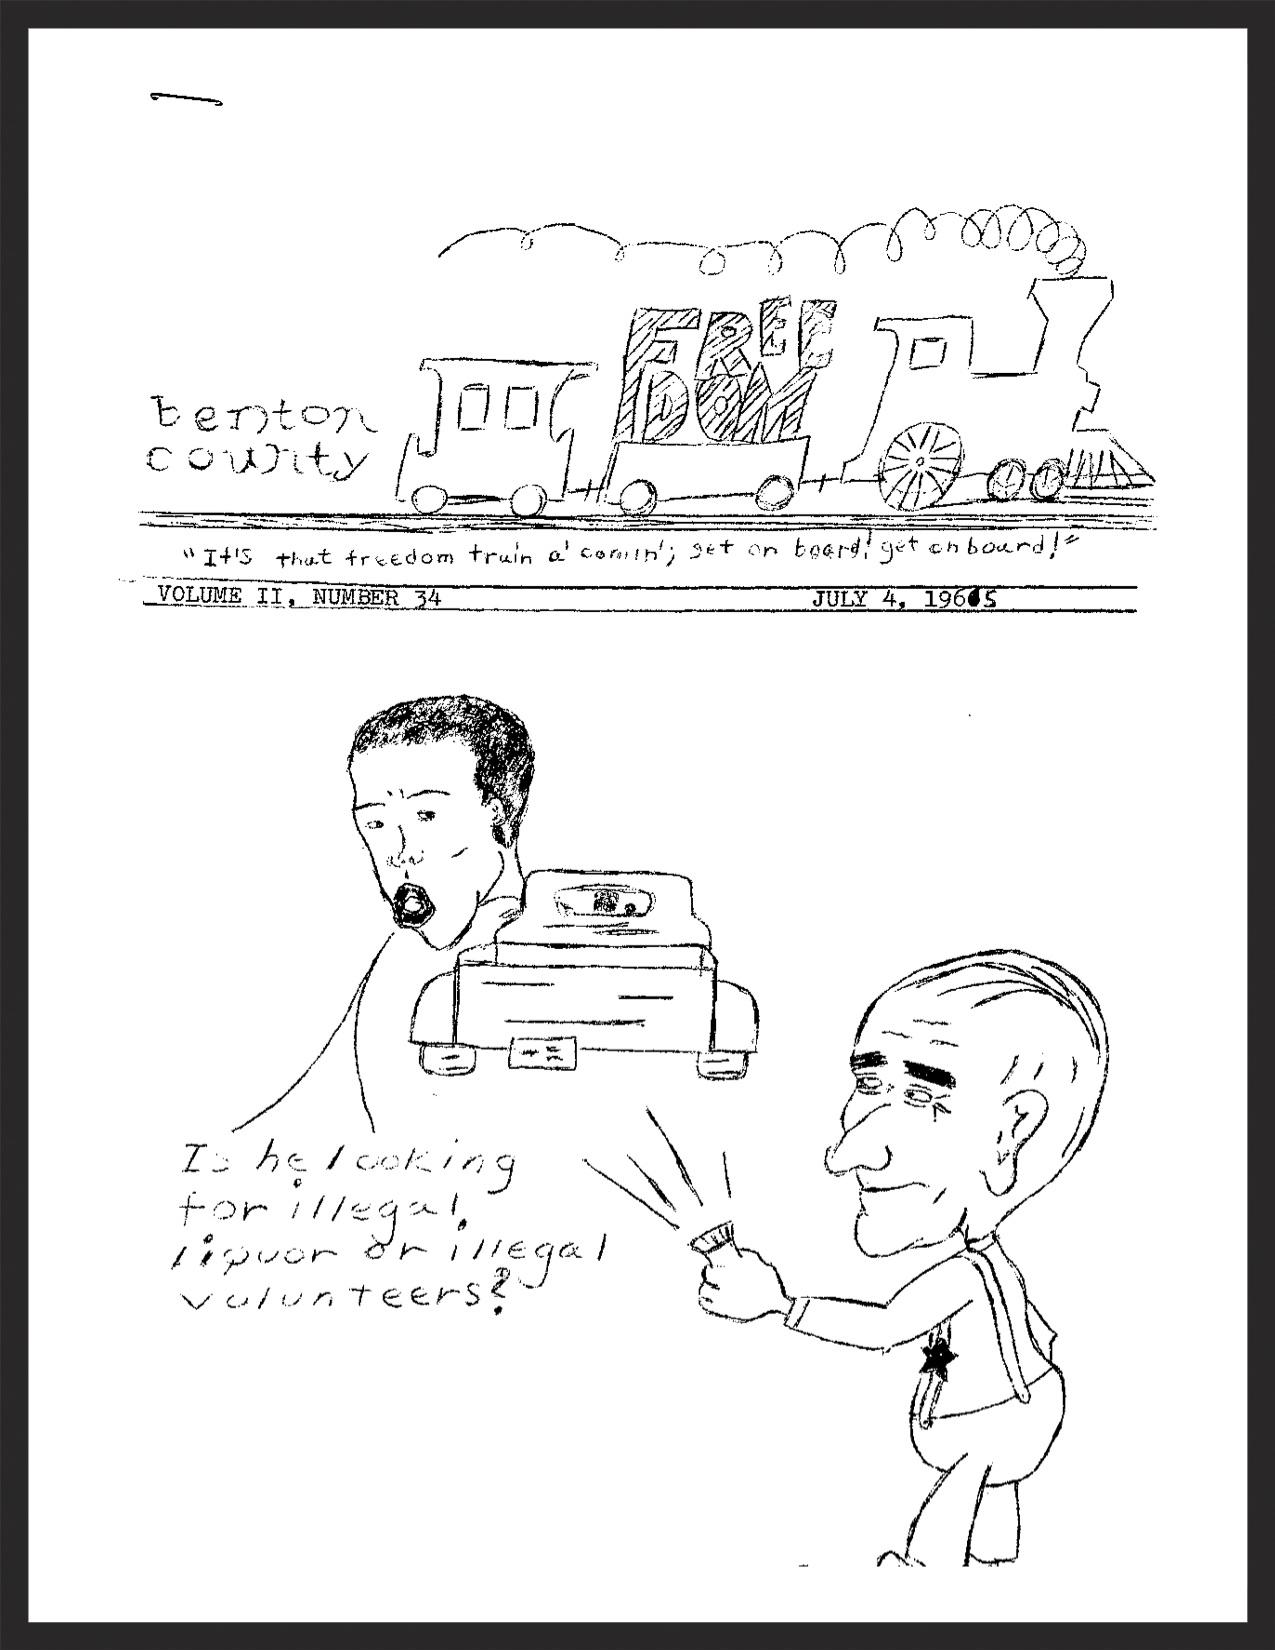 July 4, 1965